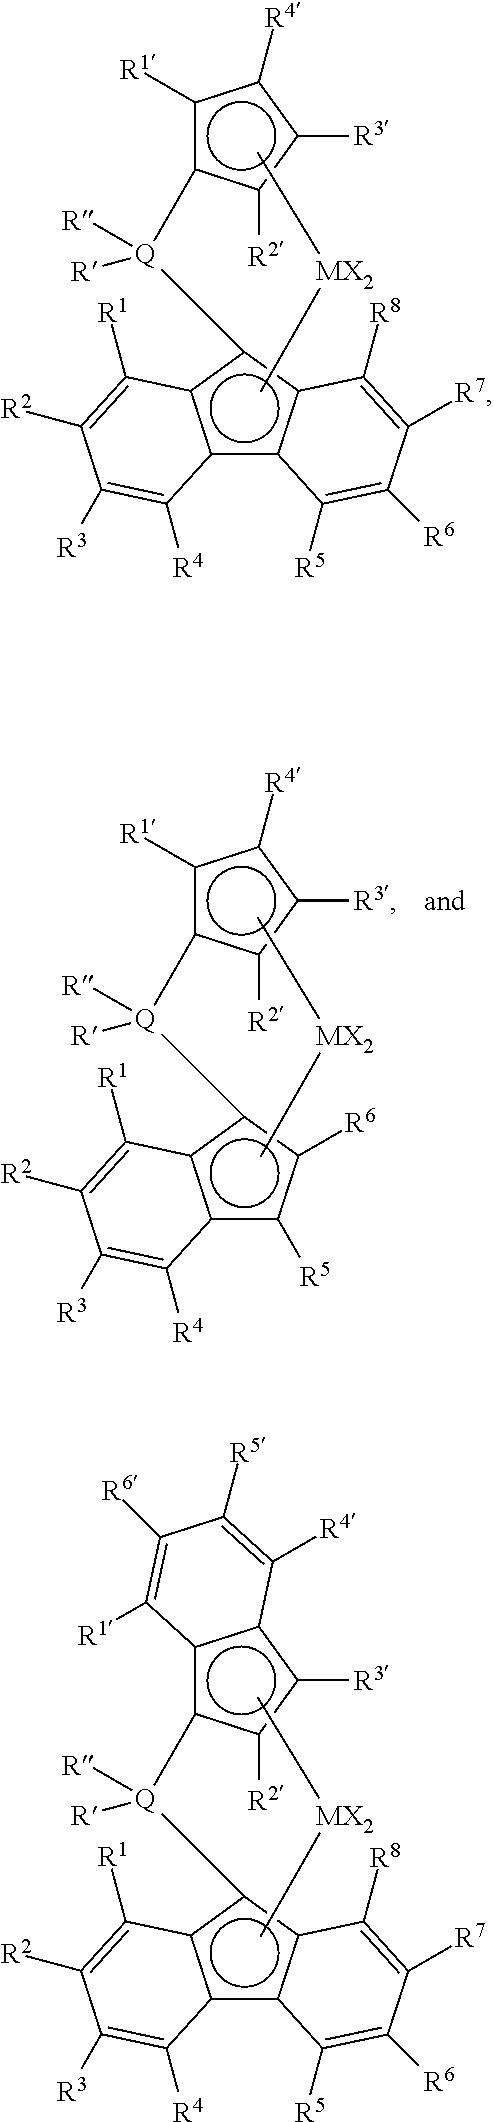 Figure US20180223022A1-20180809-C00001